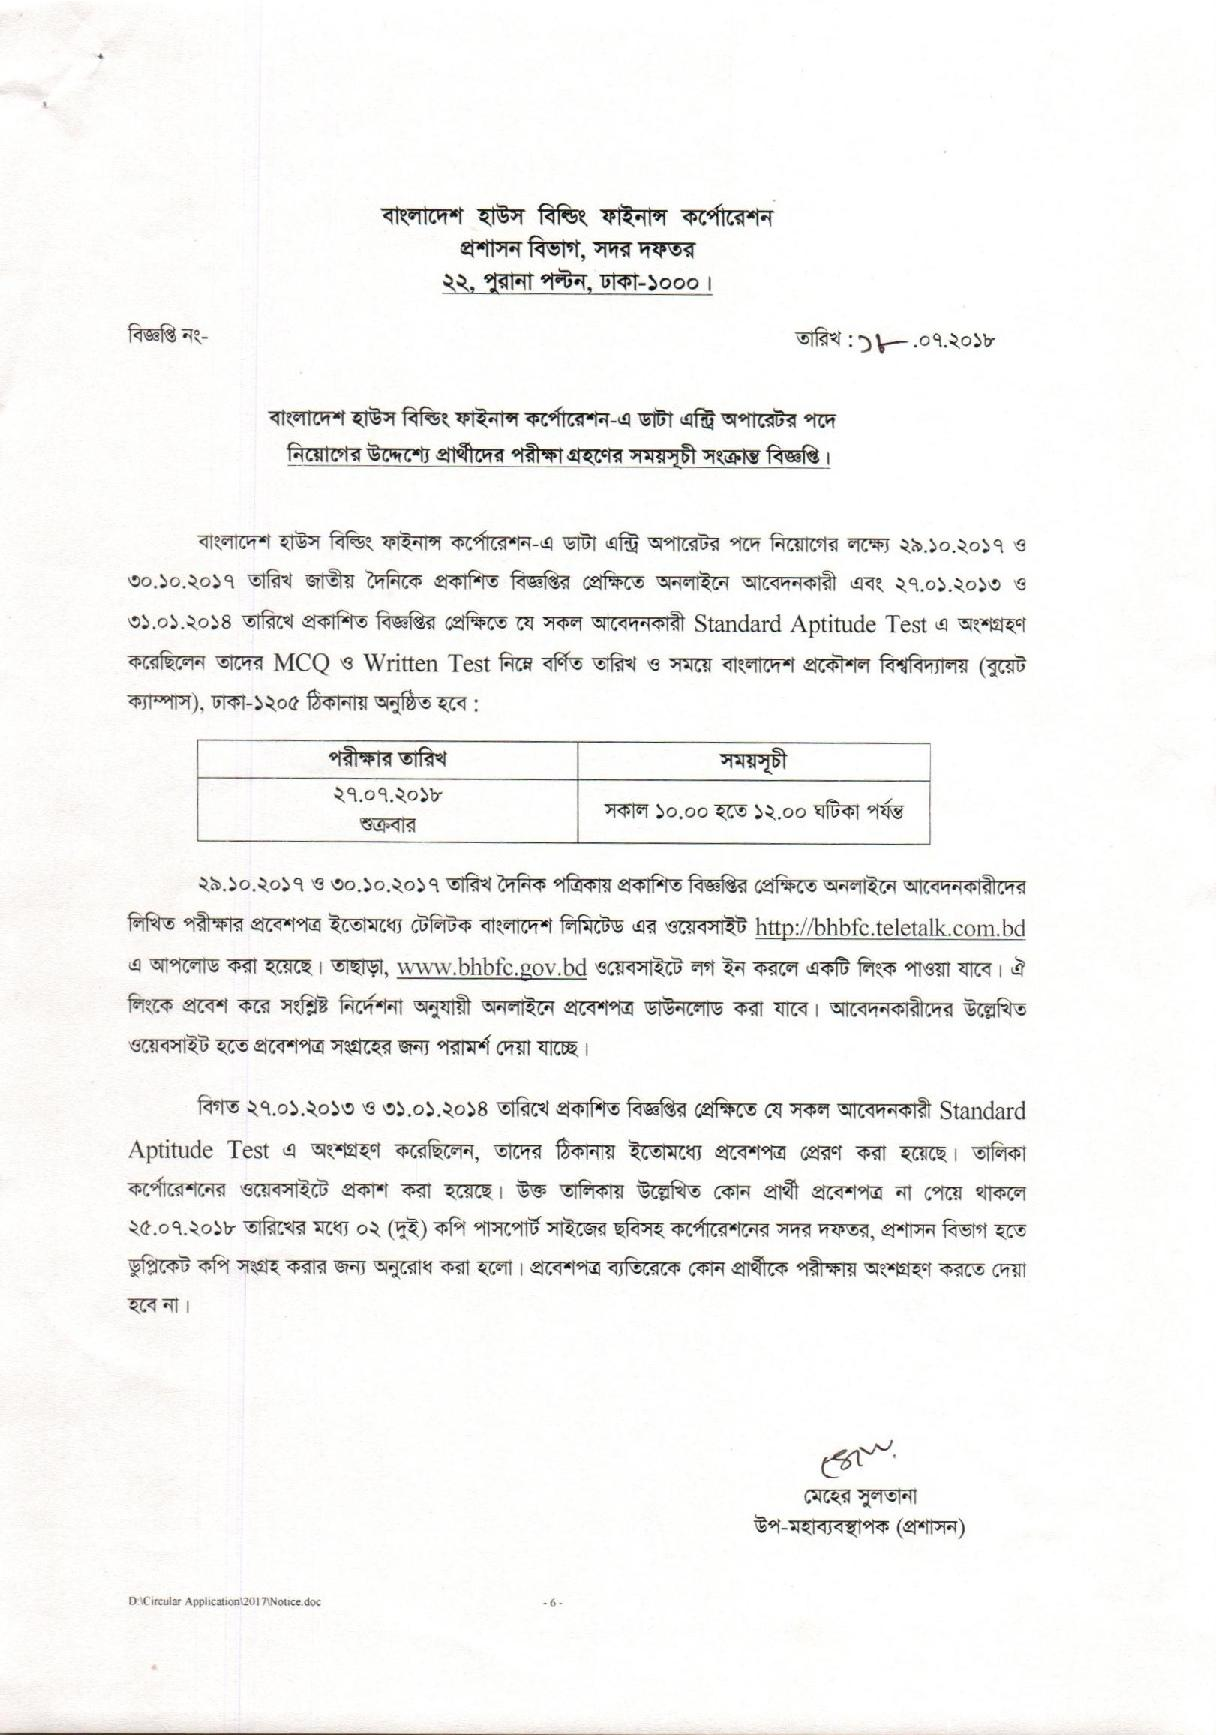 HBFC Exam Date Notice